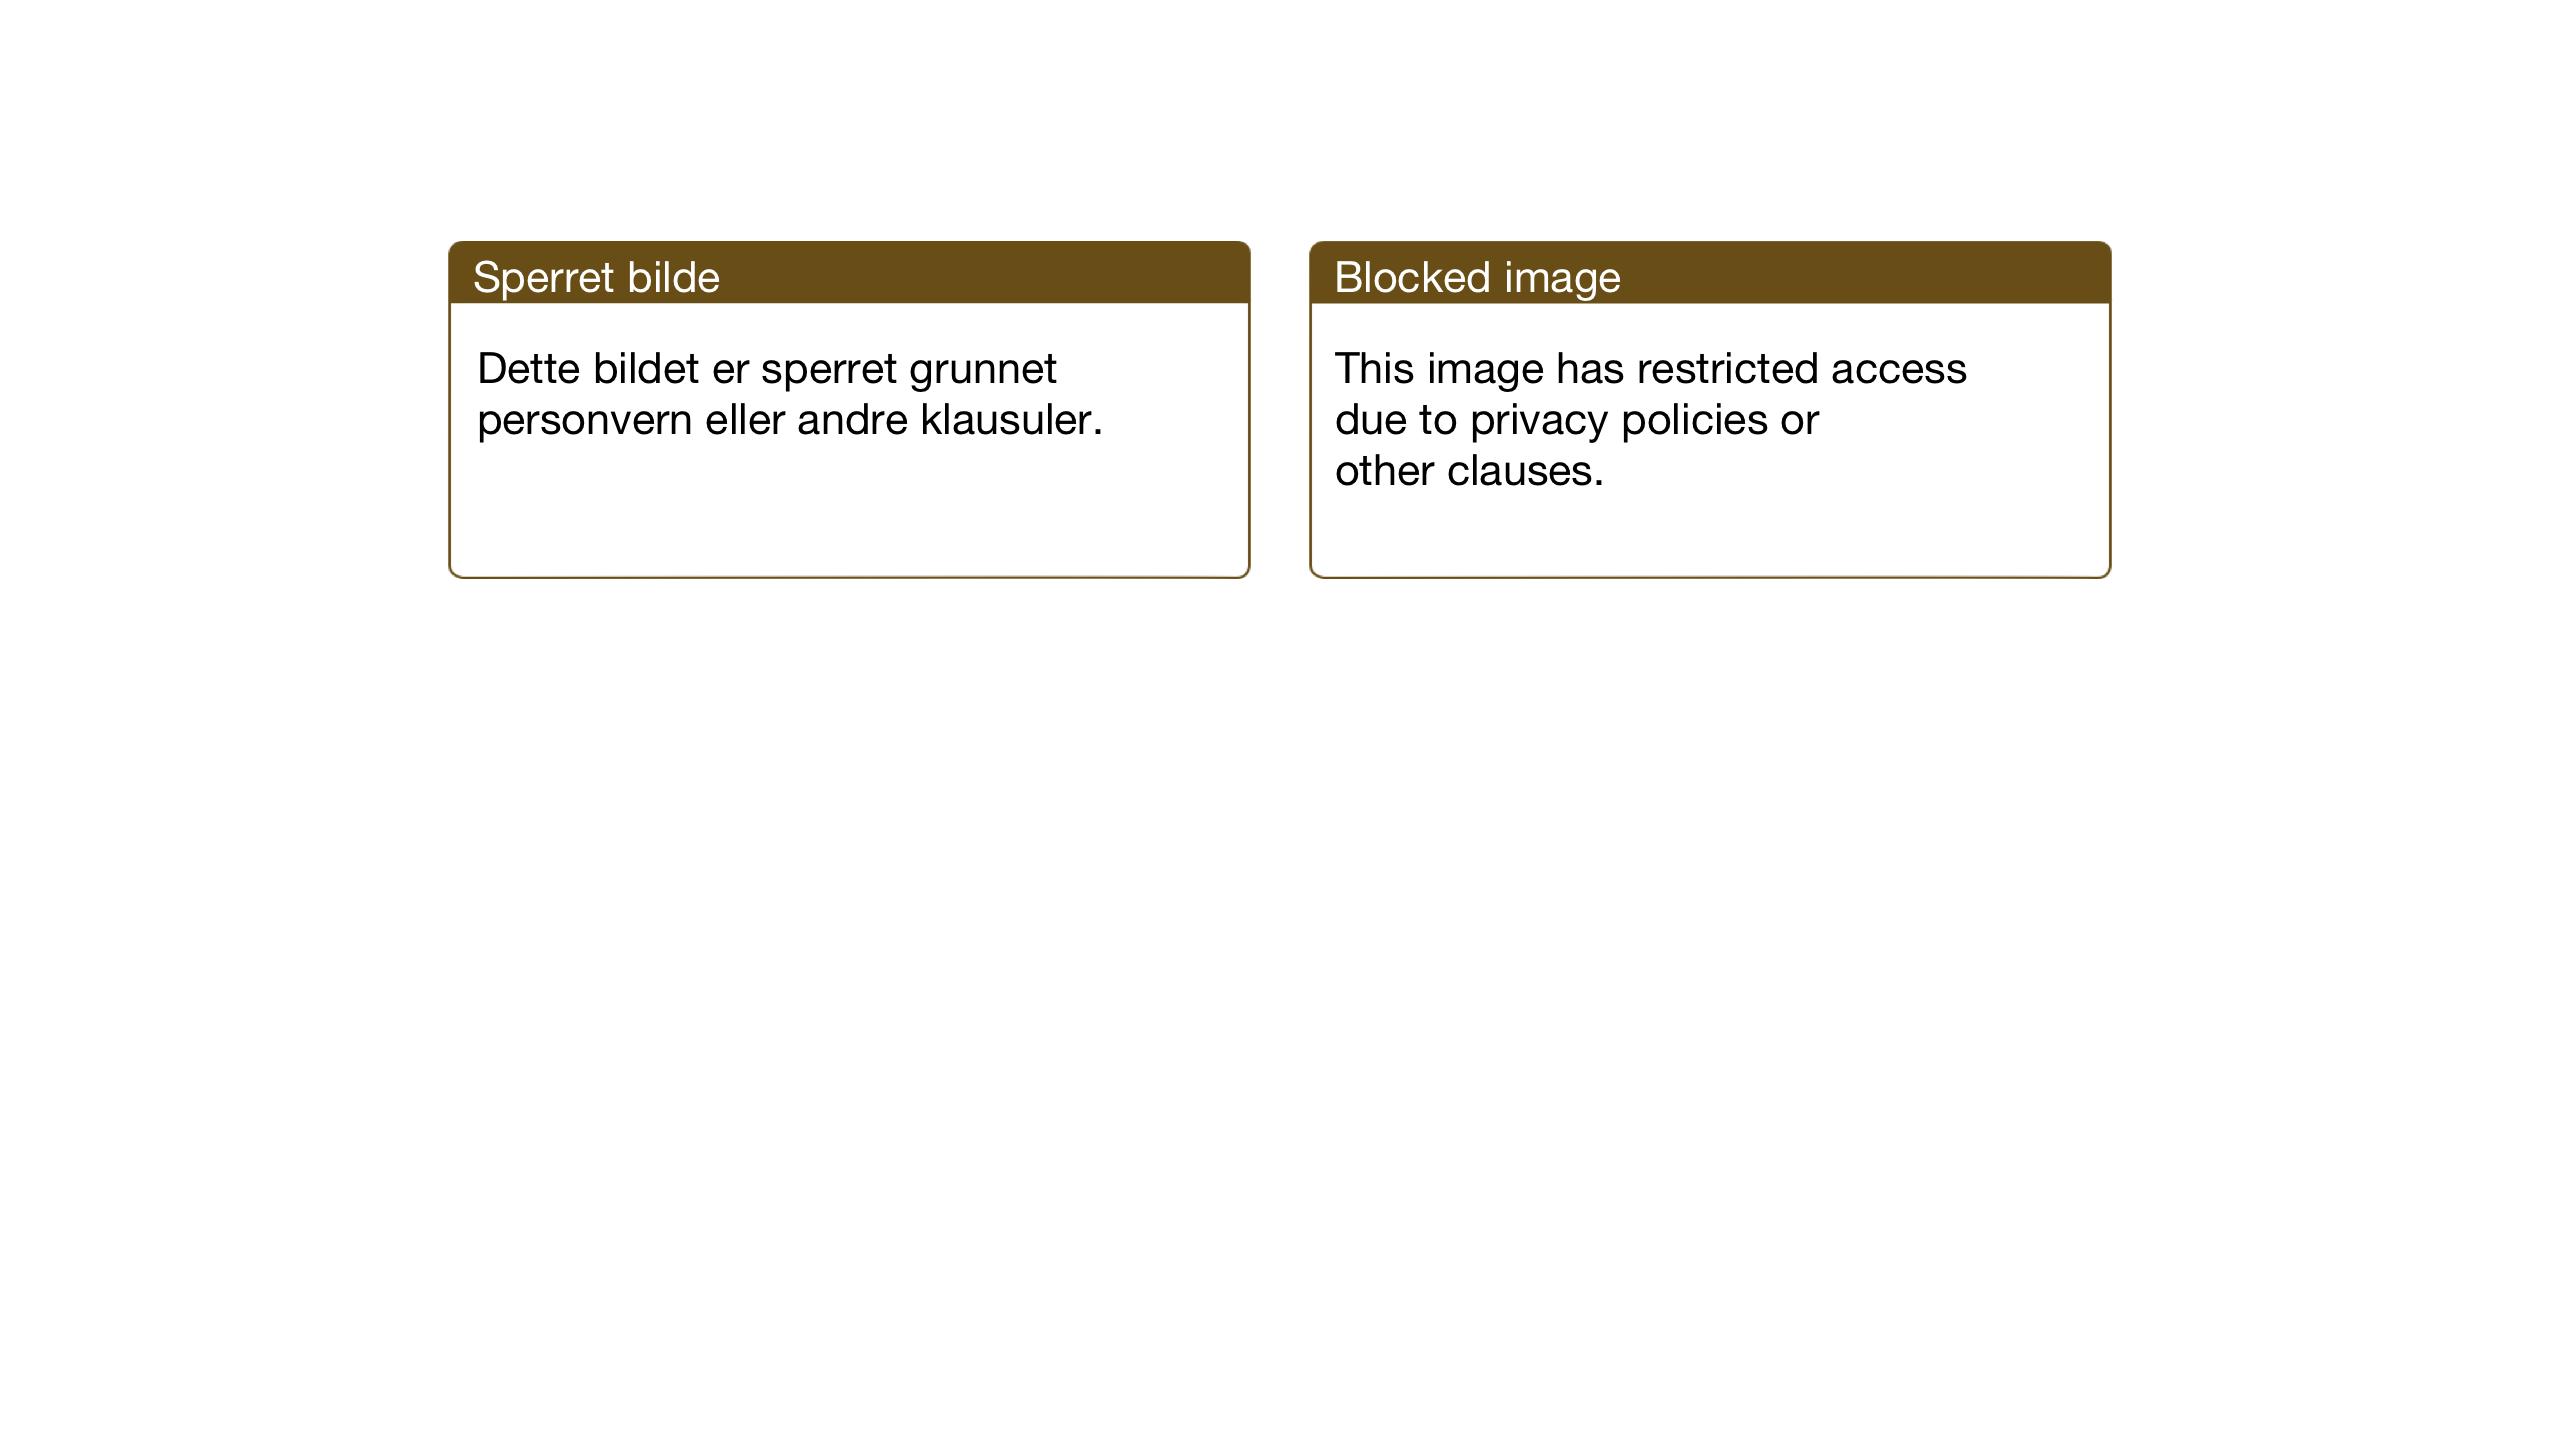 SAT, Ministerialprotokoller, klokkerbøker og fødselsregistre - Nord-Trøndelag, 722/L0227: Klokkerbok nr. 722C03, 1928-1958, s. 117